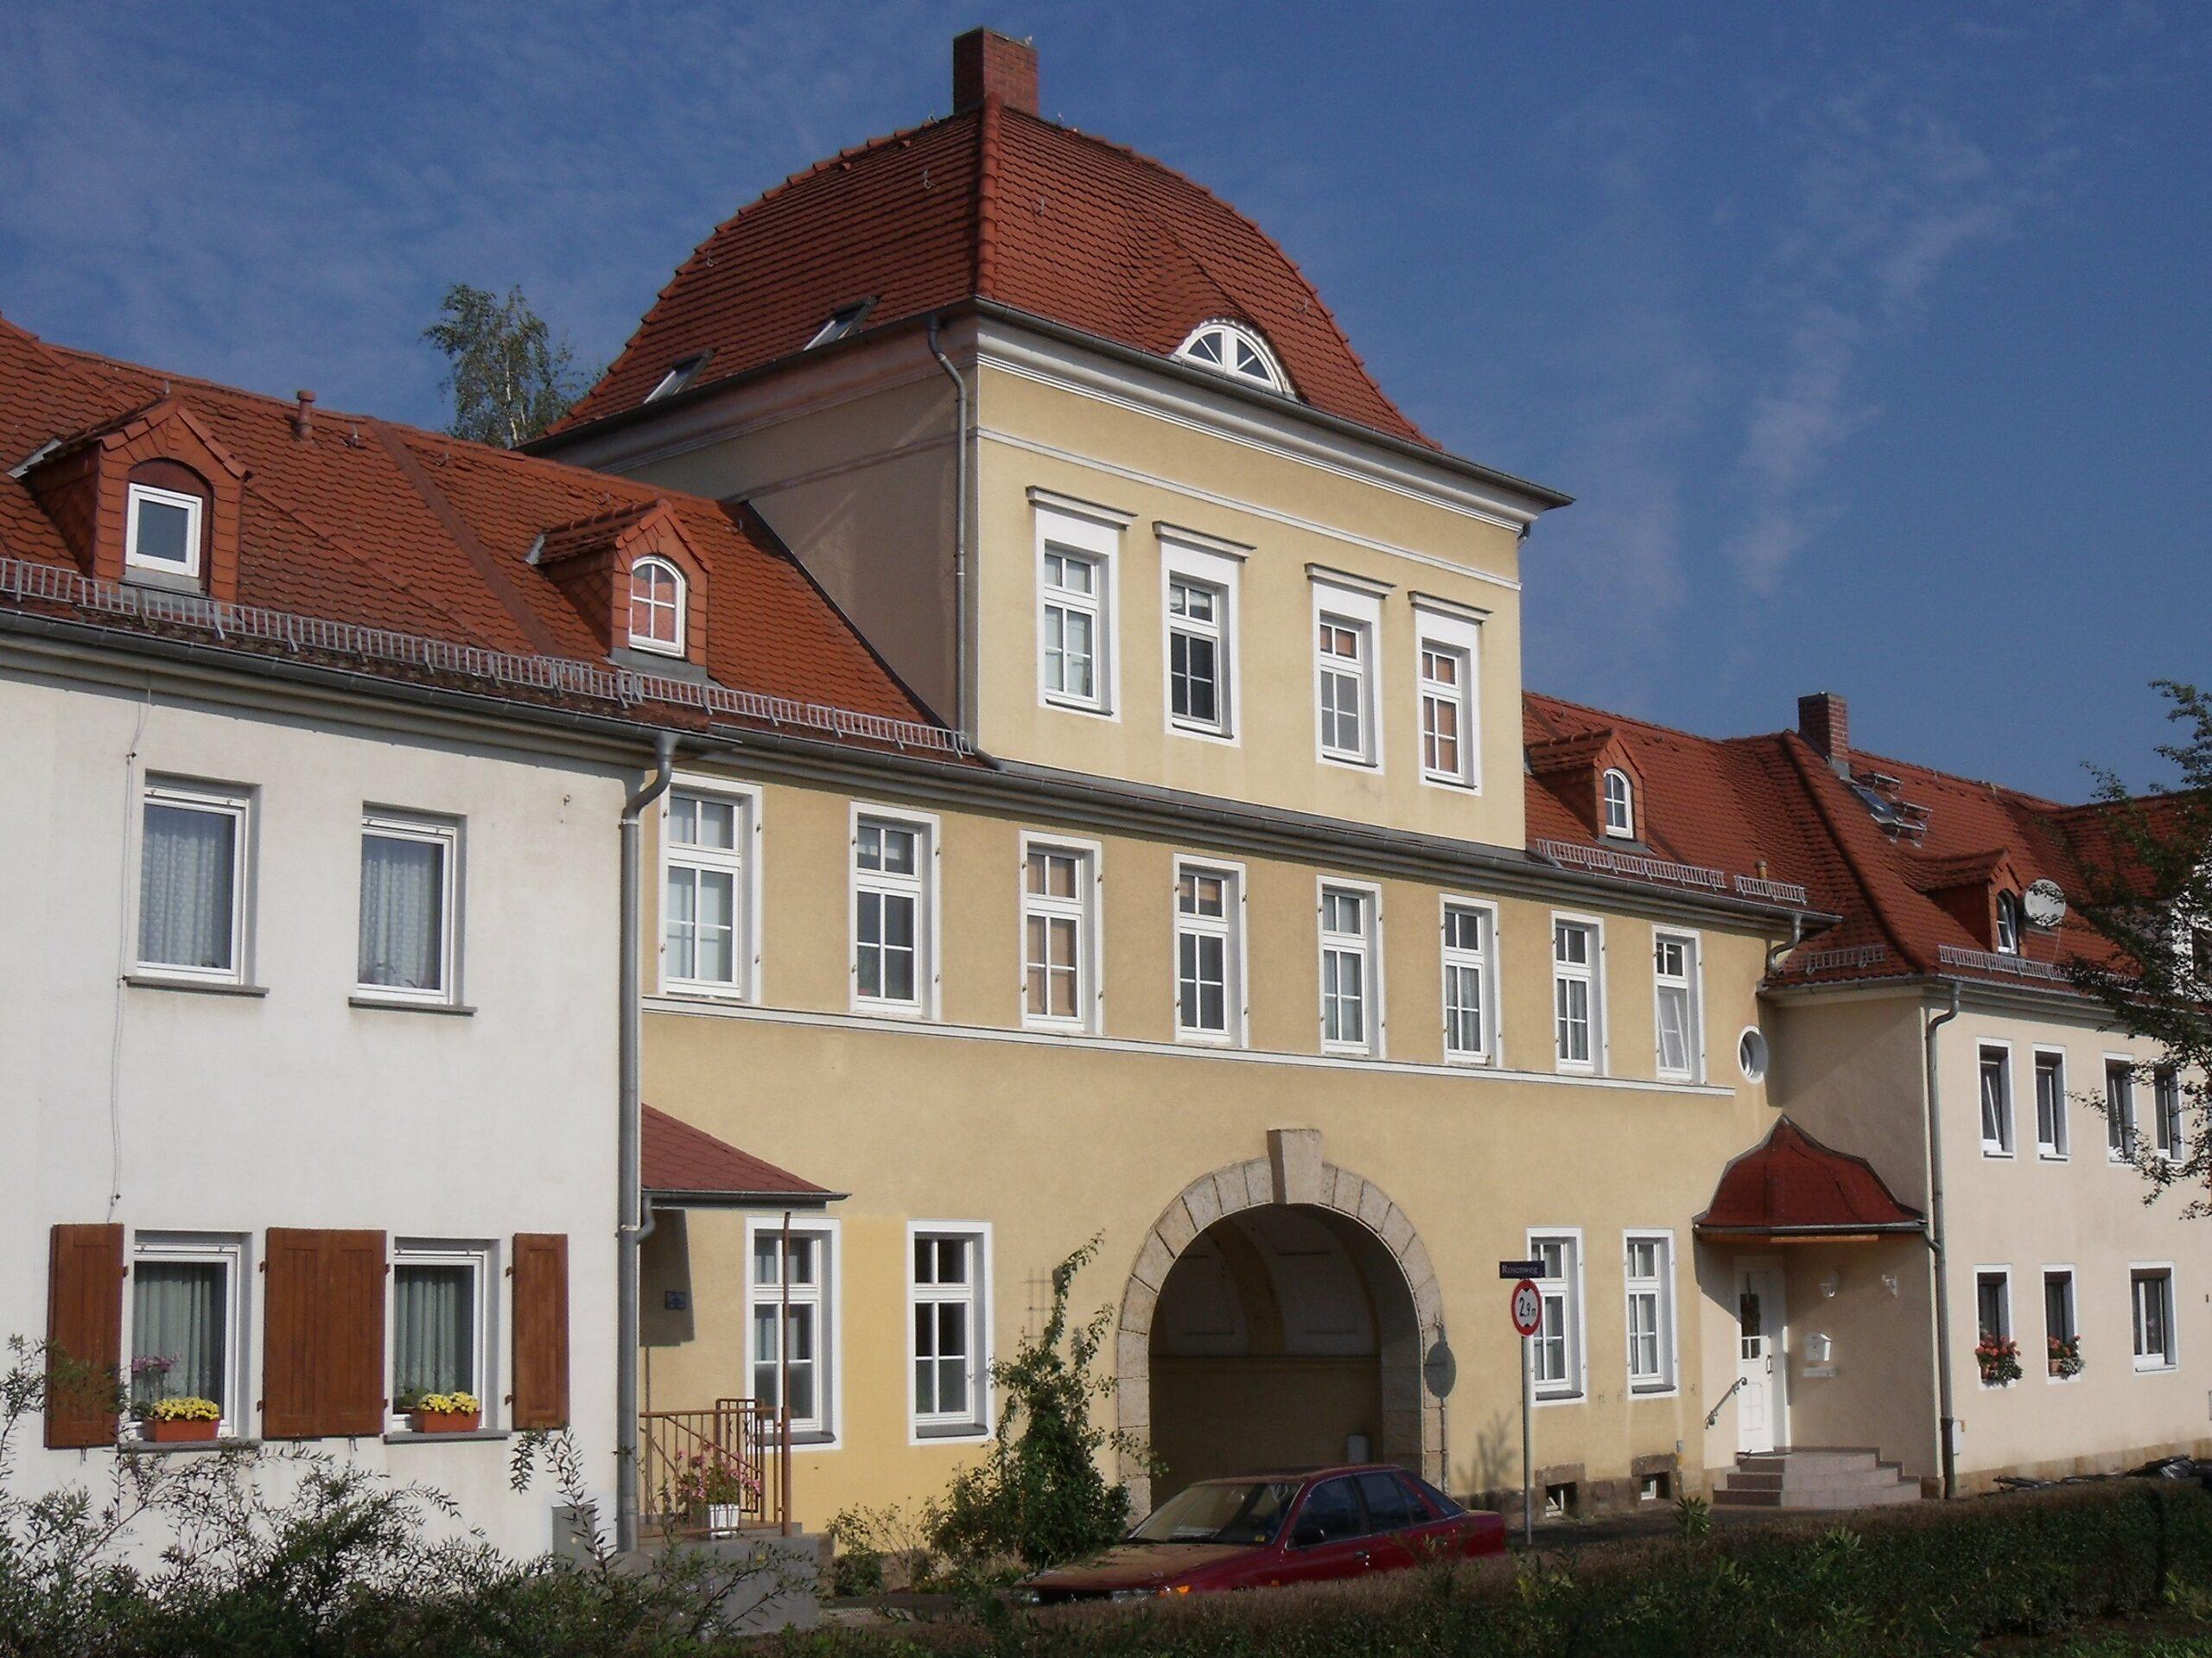 Niedersedlitzer Orts- und Industriegeschichte(n) (3)